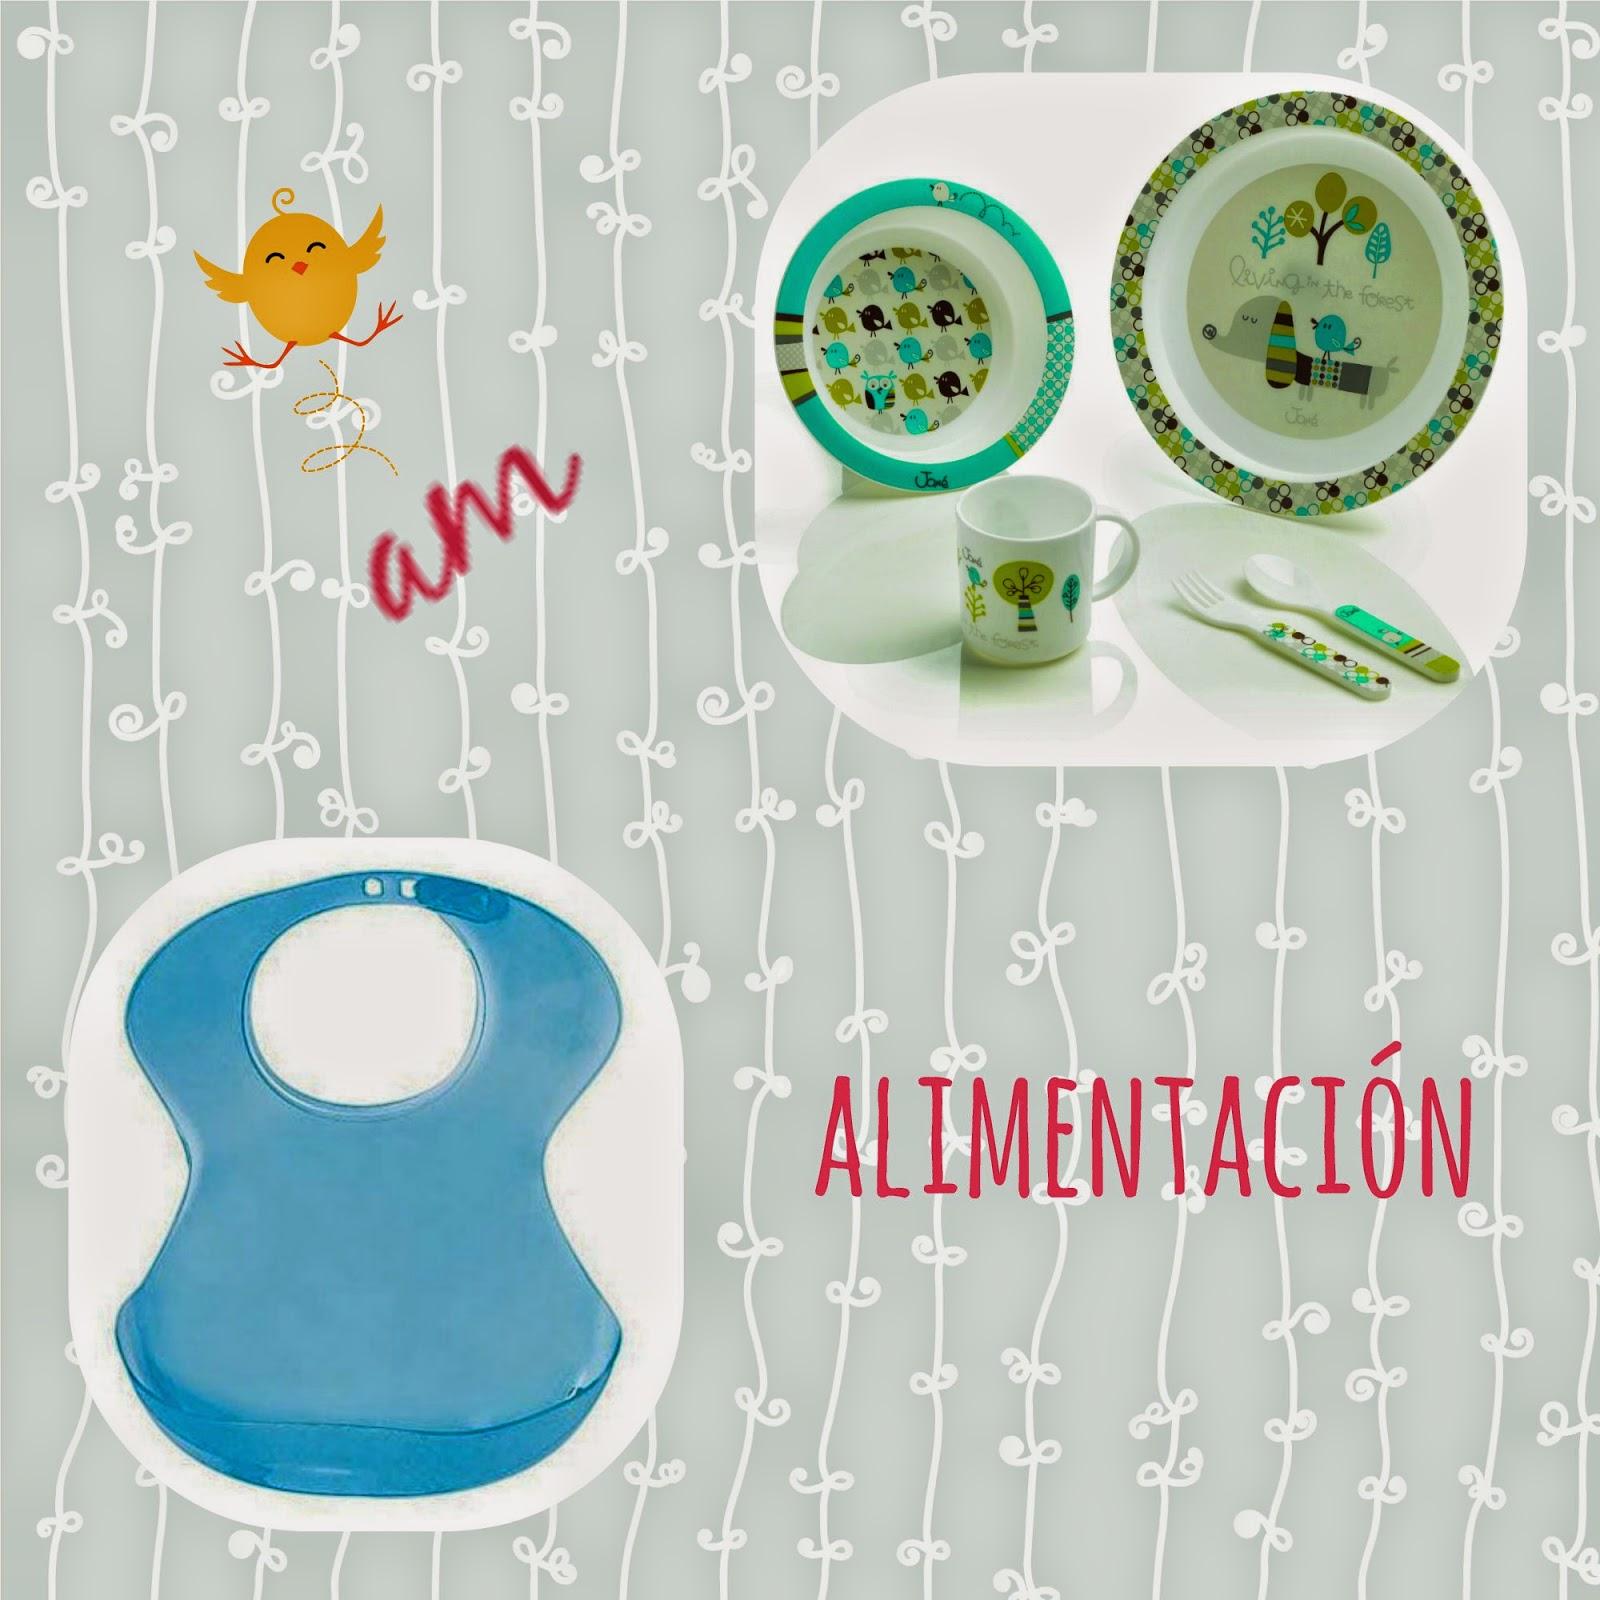 articulos de bebe utiles - alimentación